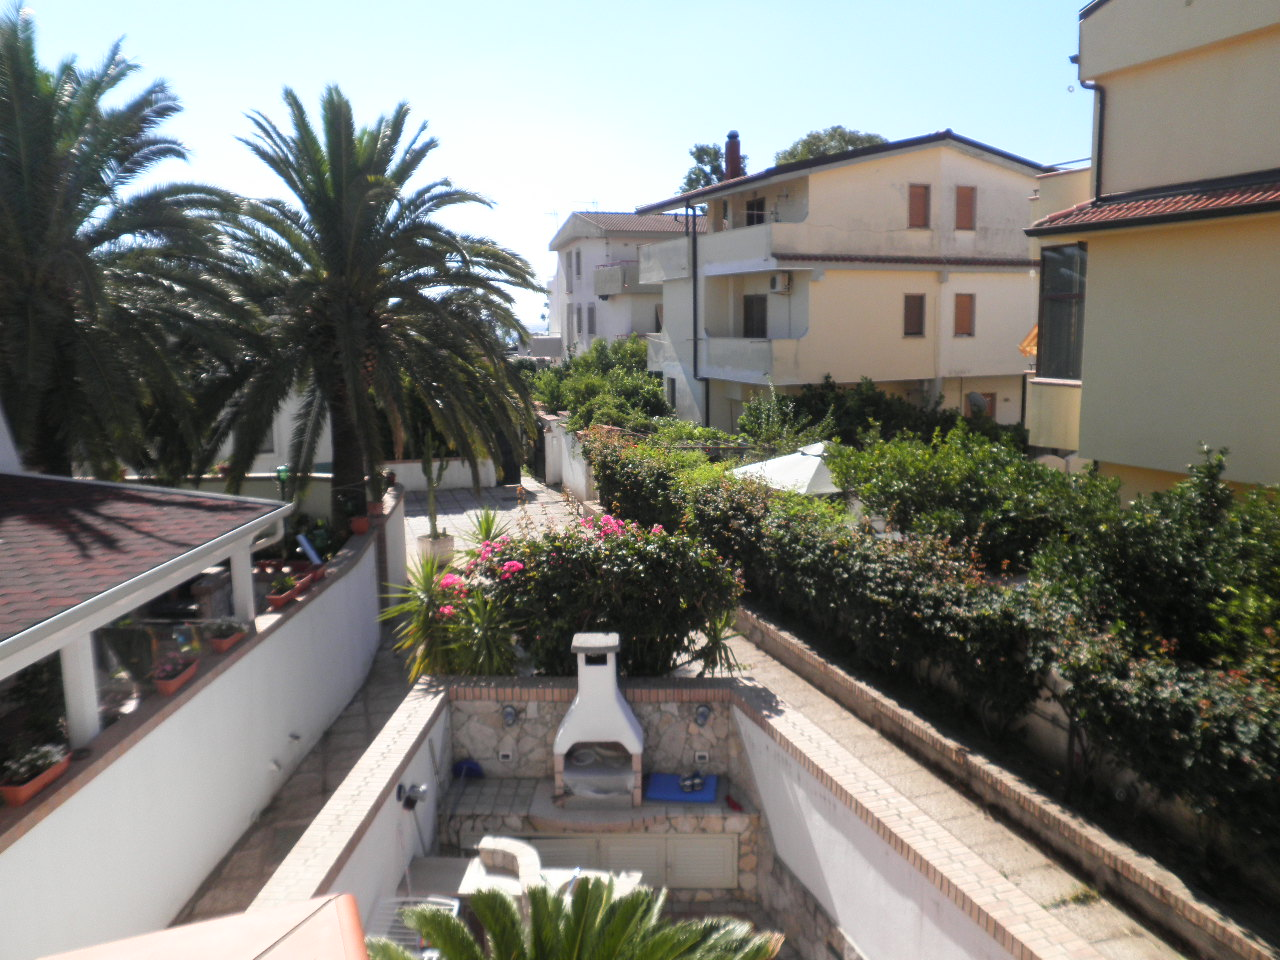 Appartamento in vendita a Montepaone, 3 locali, zona Località: MontepaoneLido, prezzo € 115.000 | Cambio Casa.it